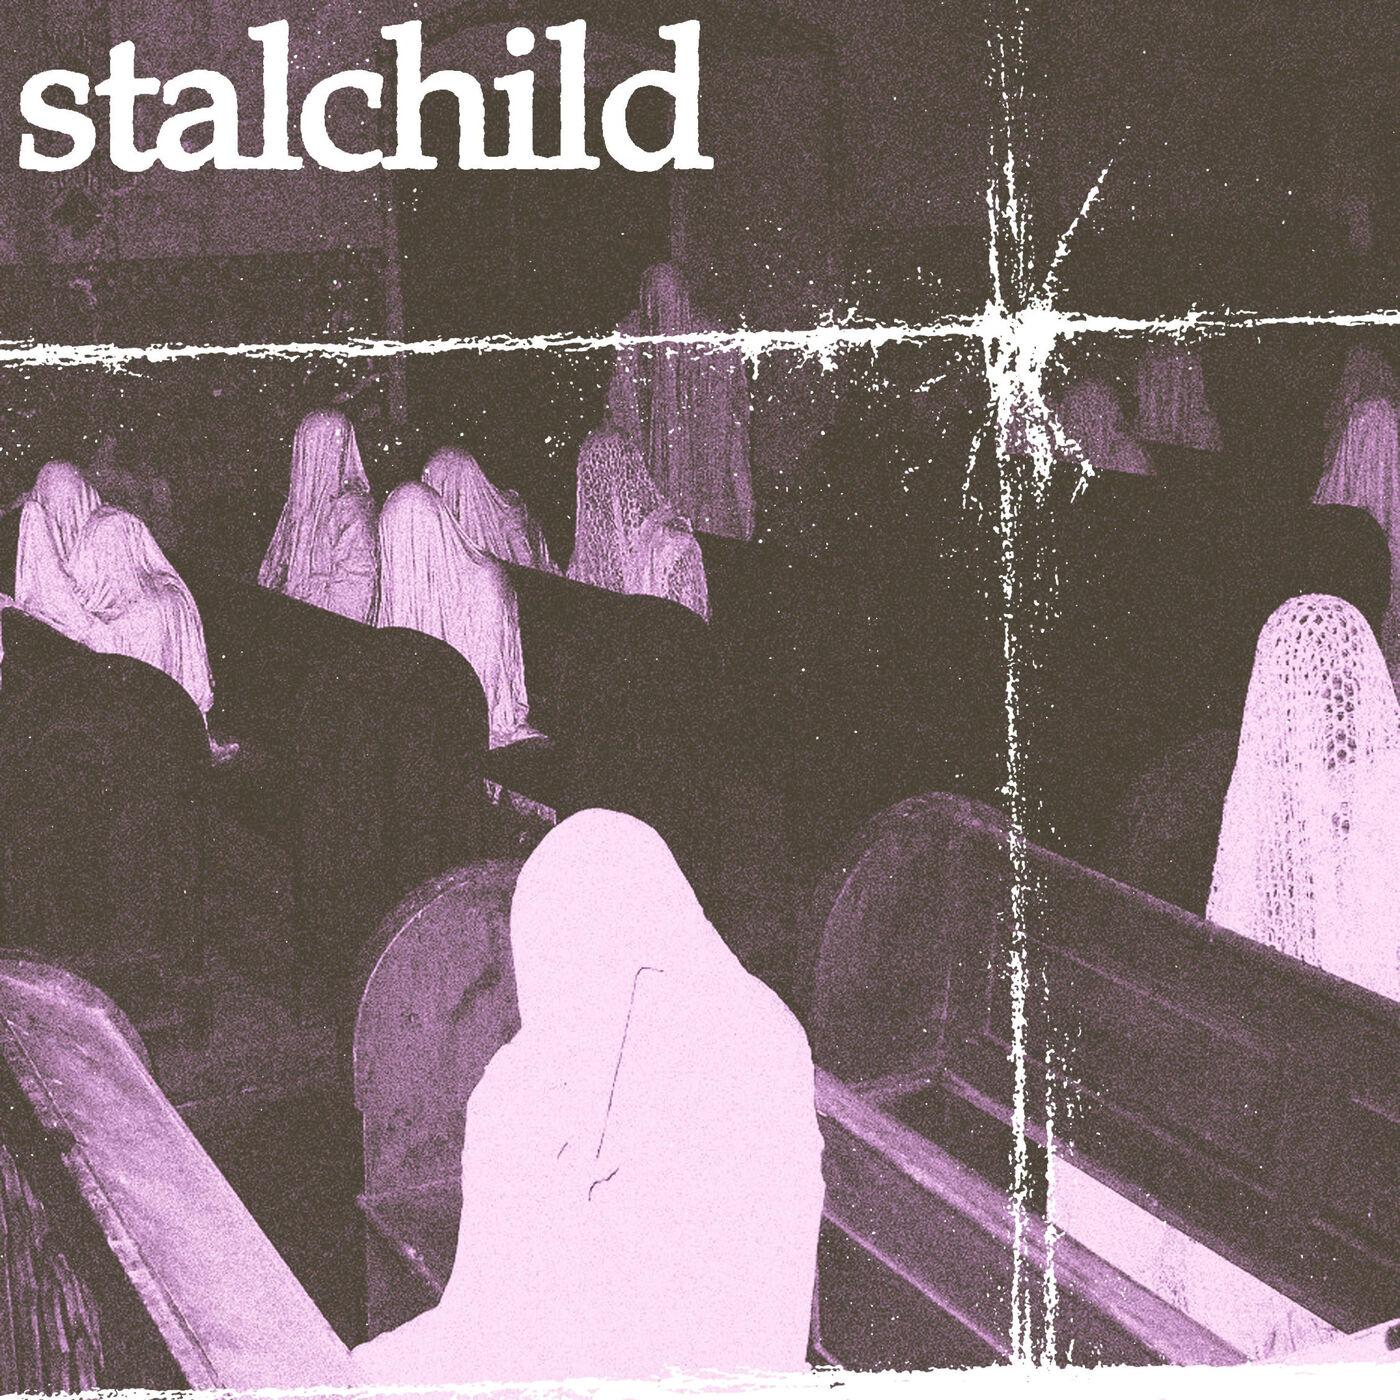 Stalchild - Stalchild [EP] (2020)